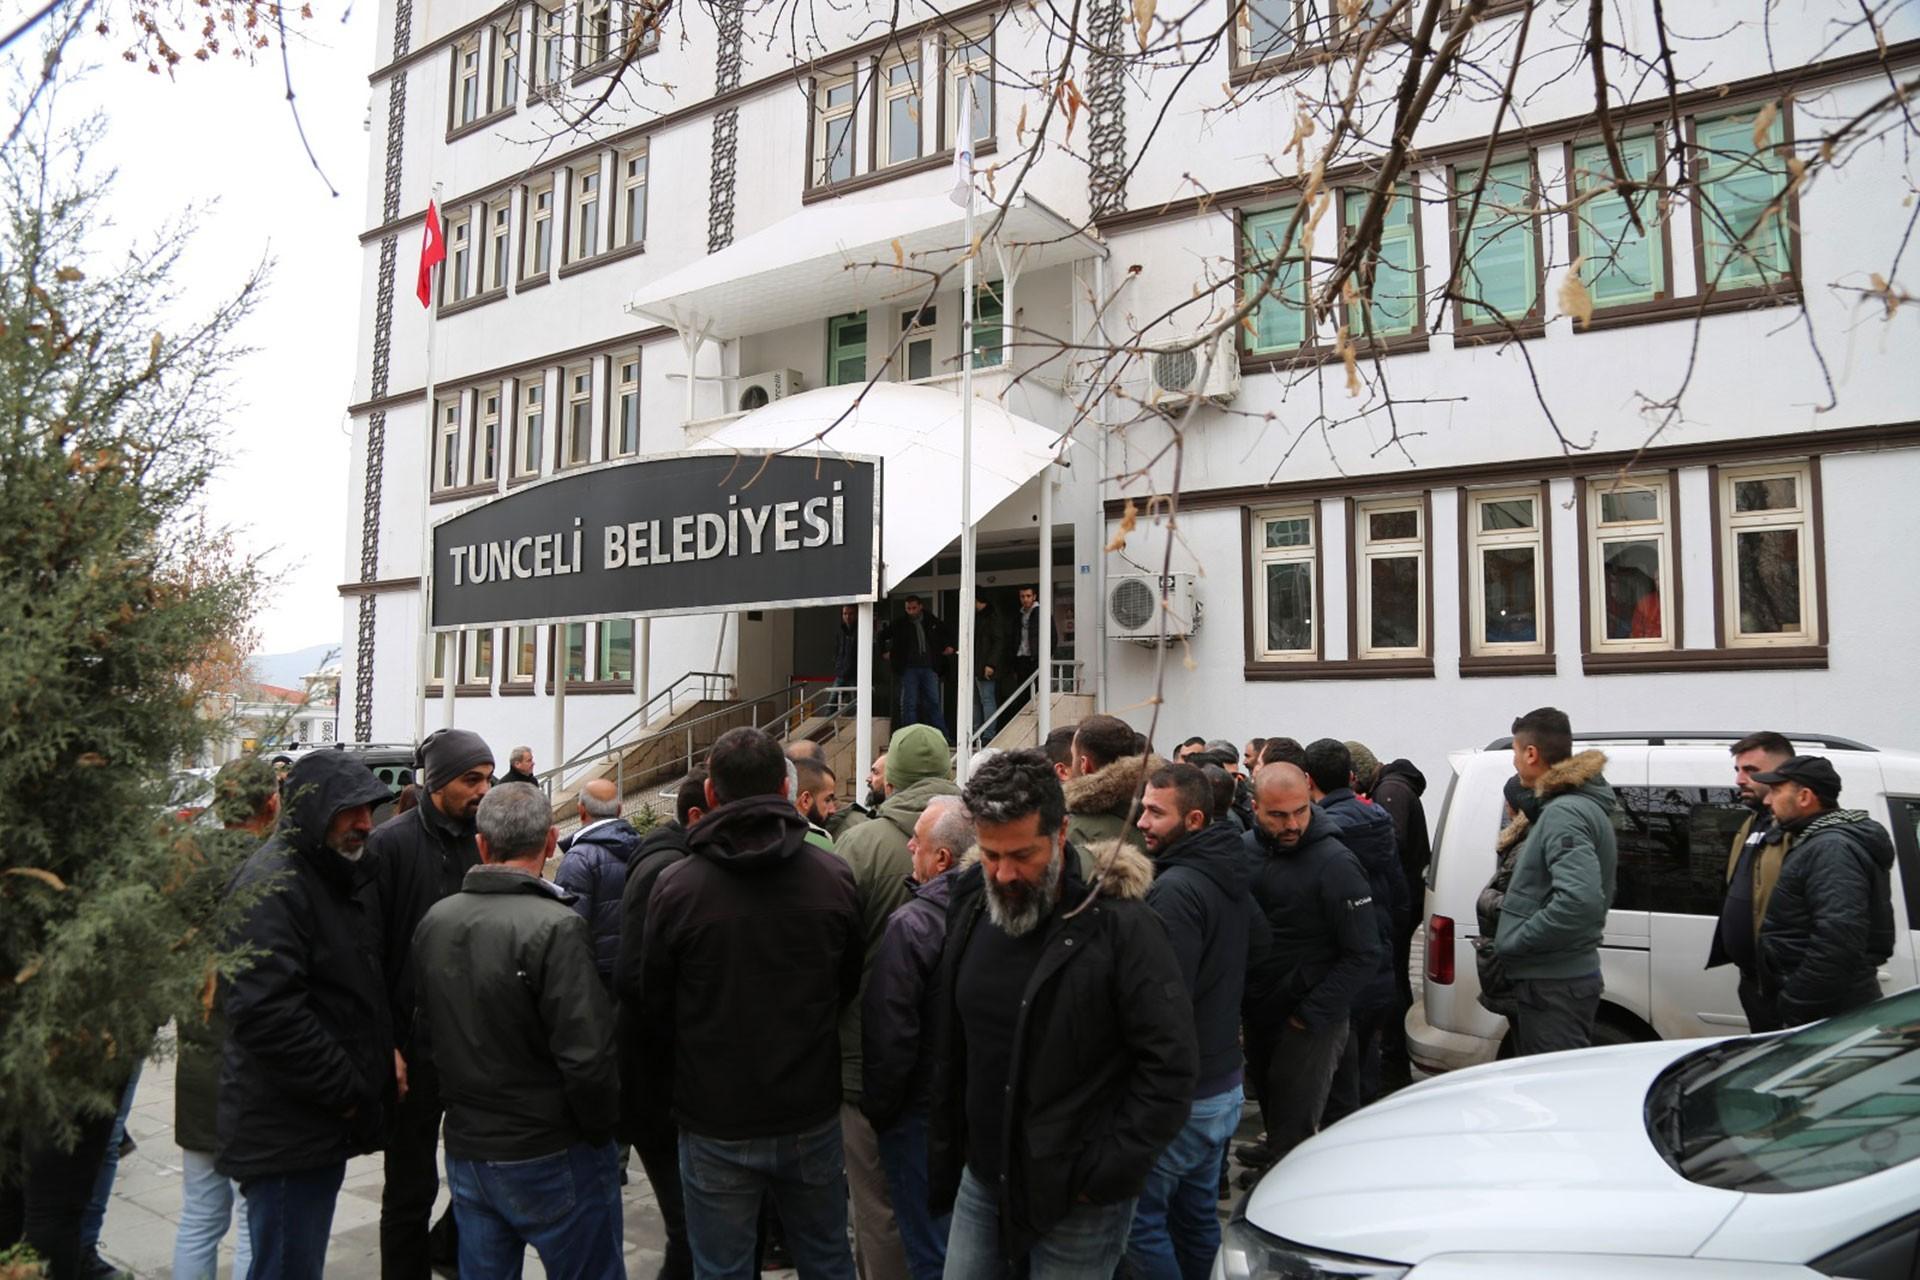 Dersim'de minibüs şoförleri kontak belediyenin zam kararını botkot etti